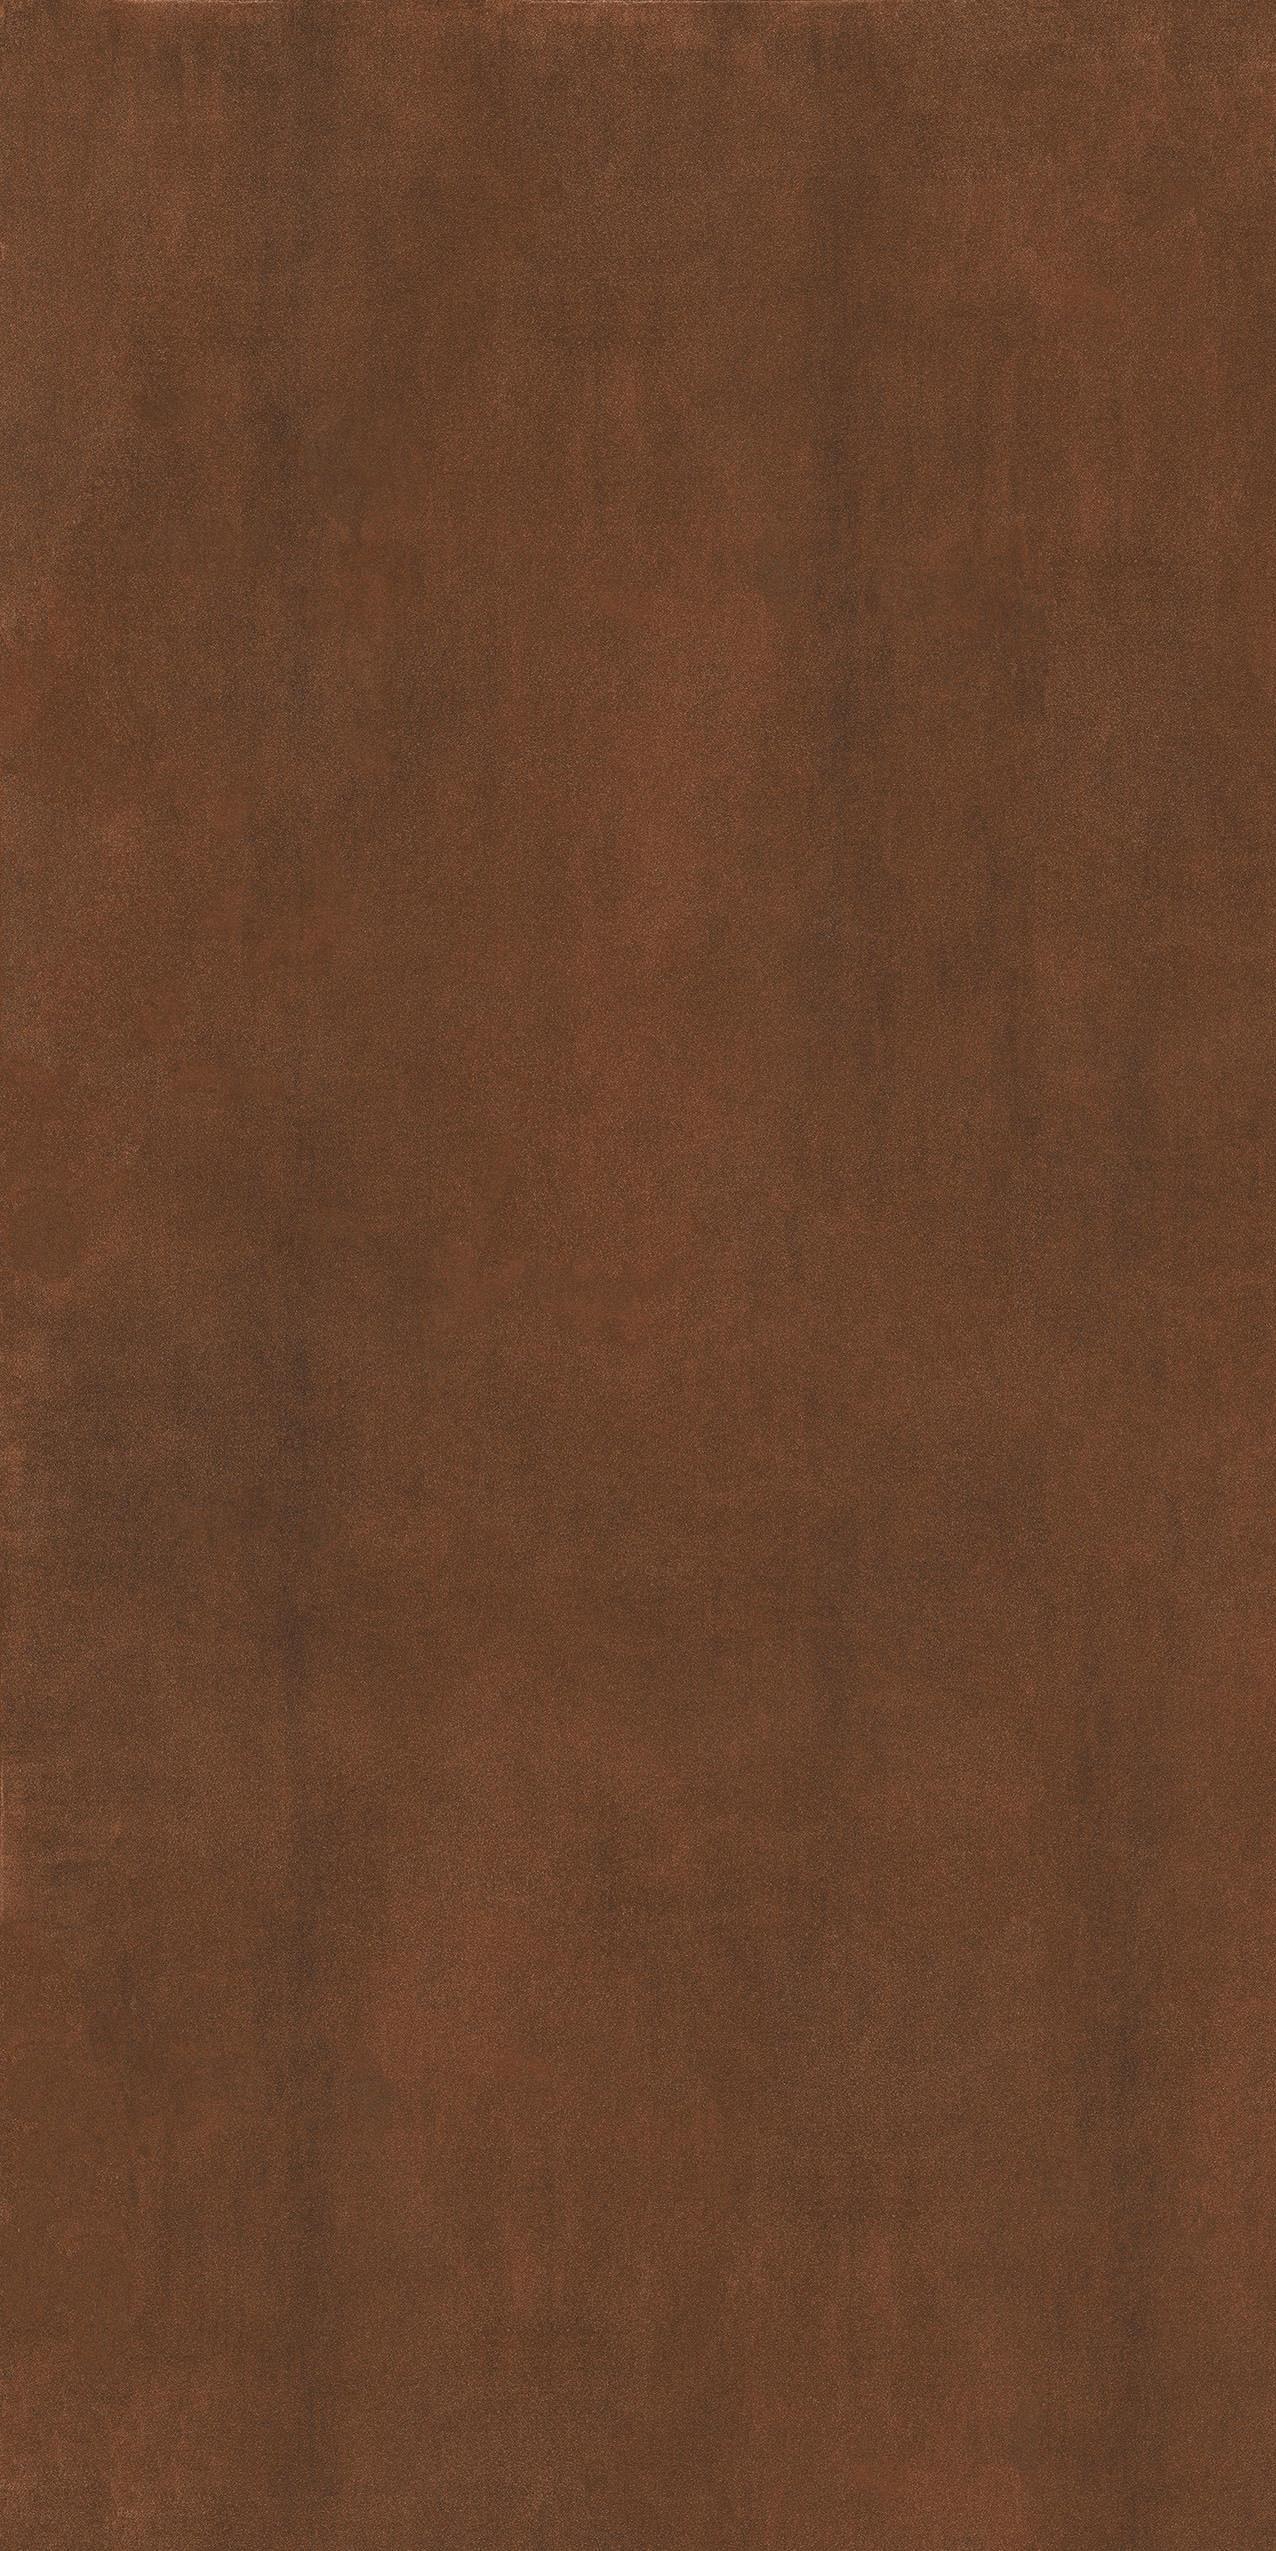 Metal Rust By FLORIM Stone